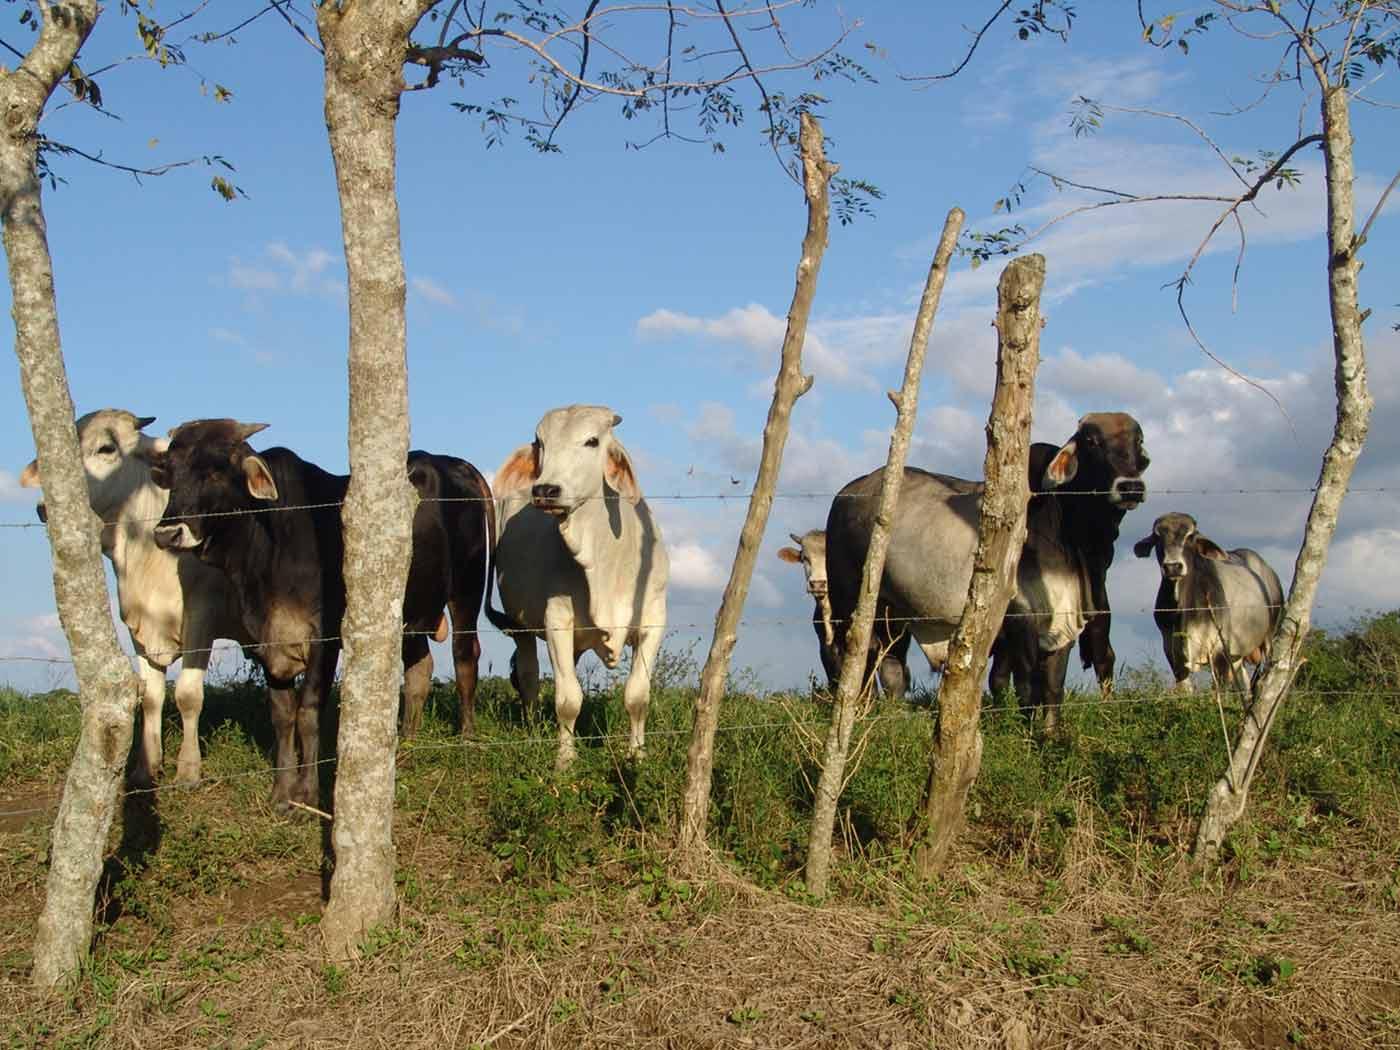 La Producción Animal de Herbívoros Rumiantes y Monogástricos Debe Ser Básicamente un Pasto